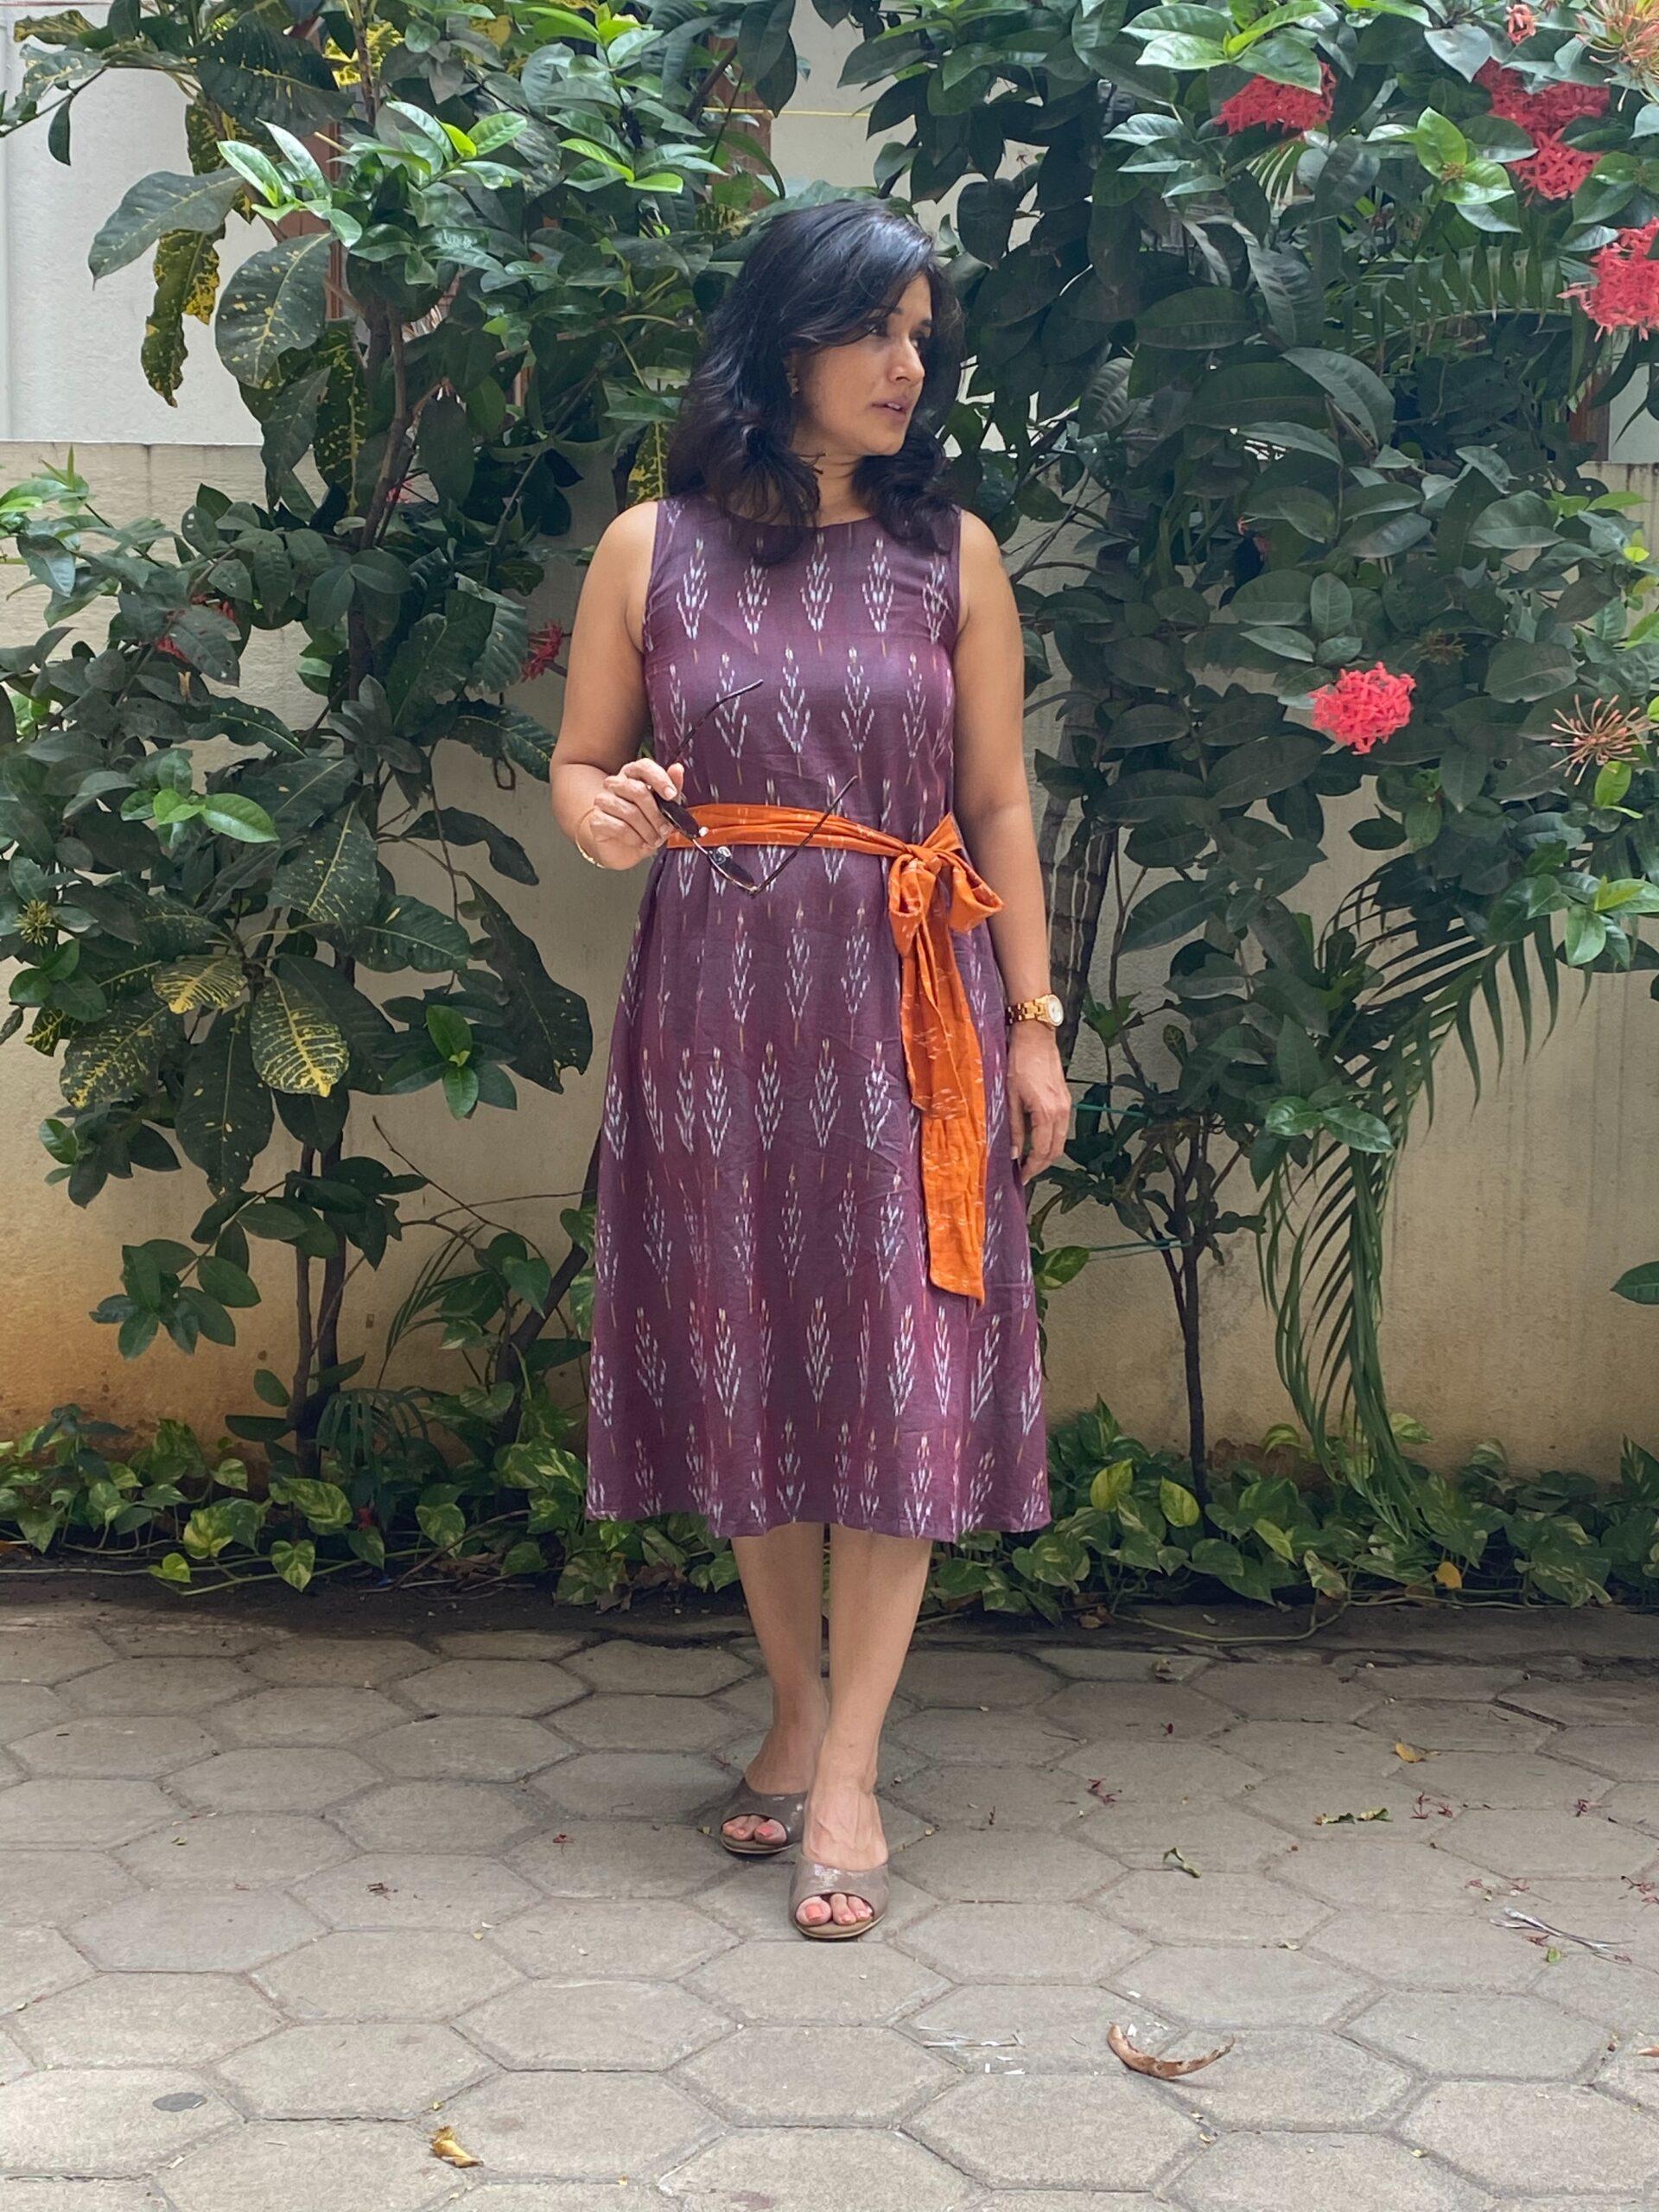 Purple ikkat dress with an orange belt